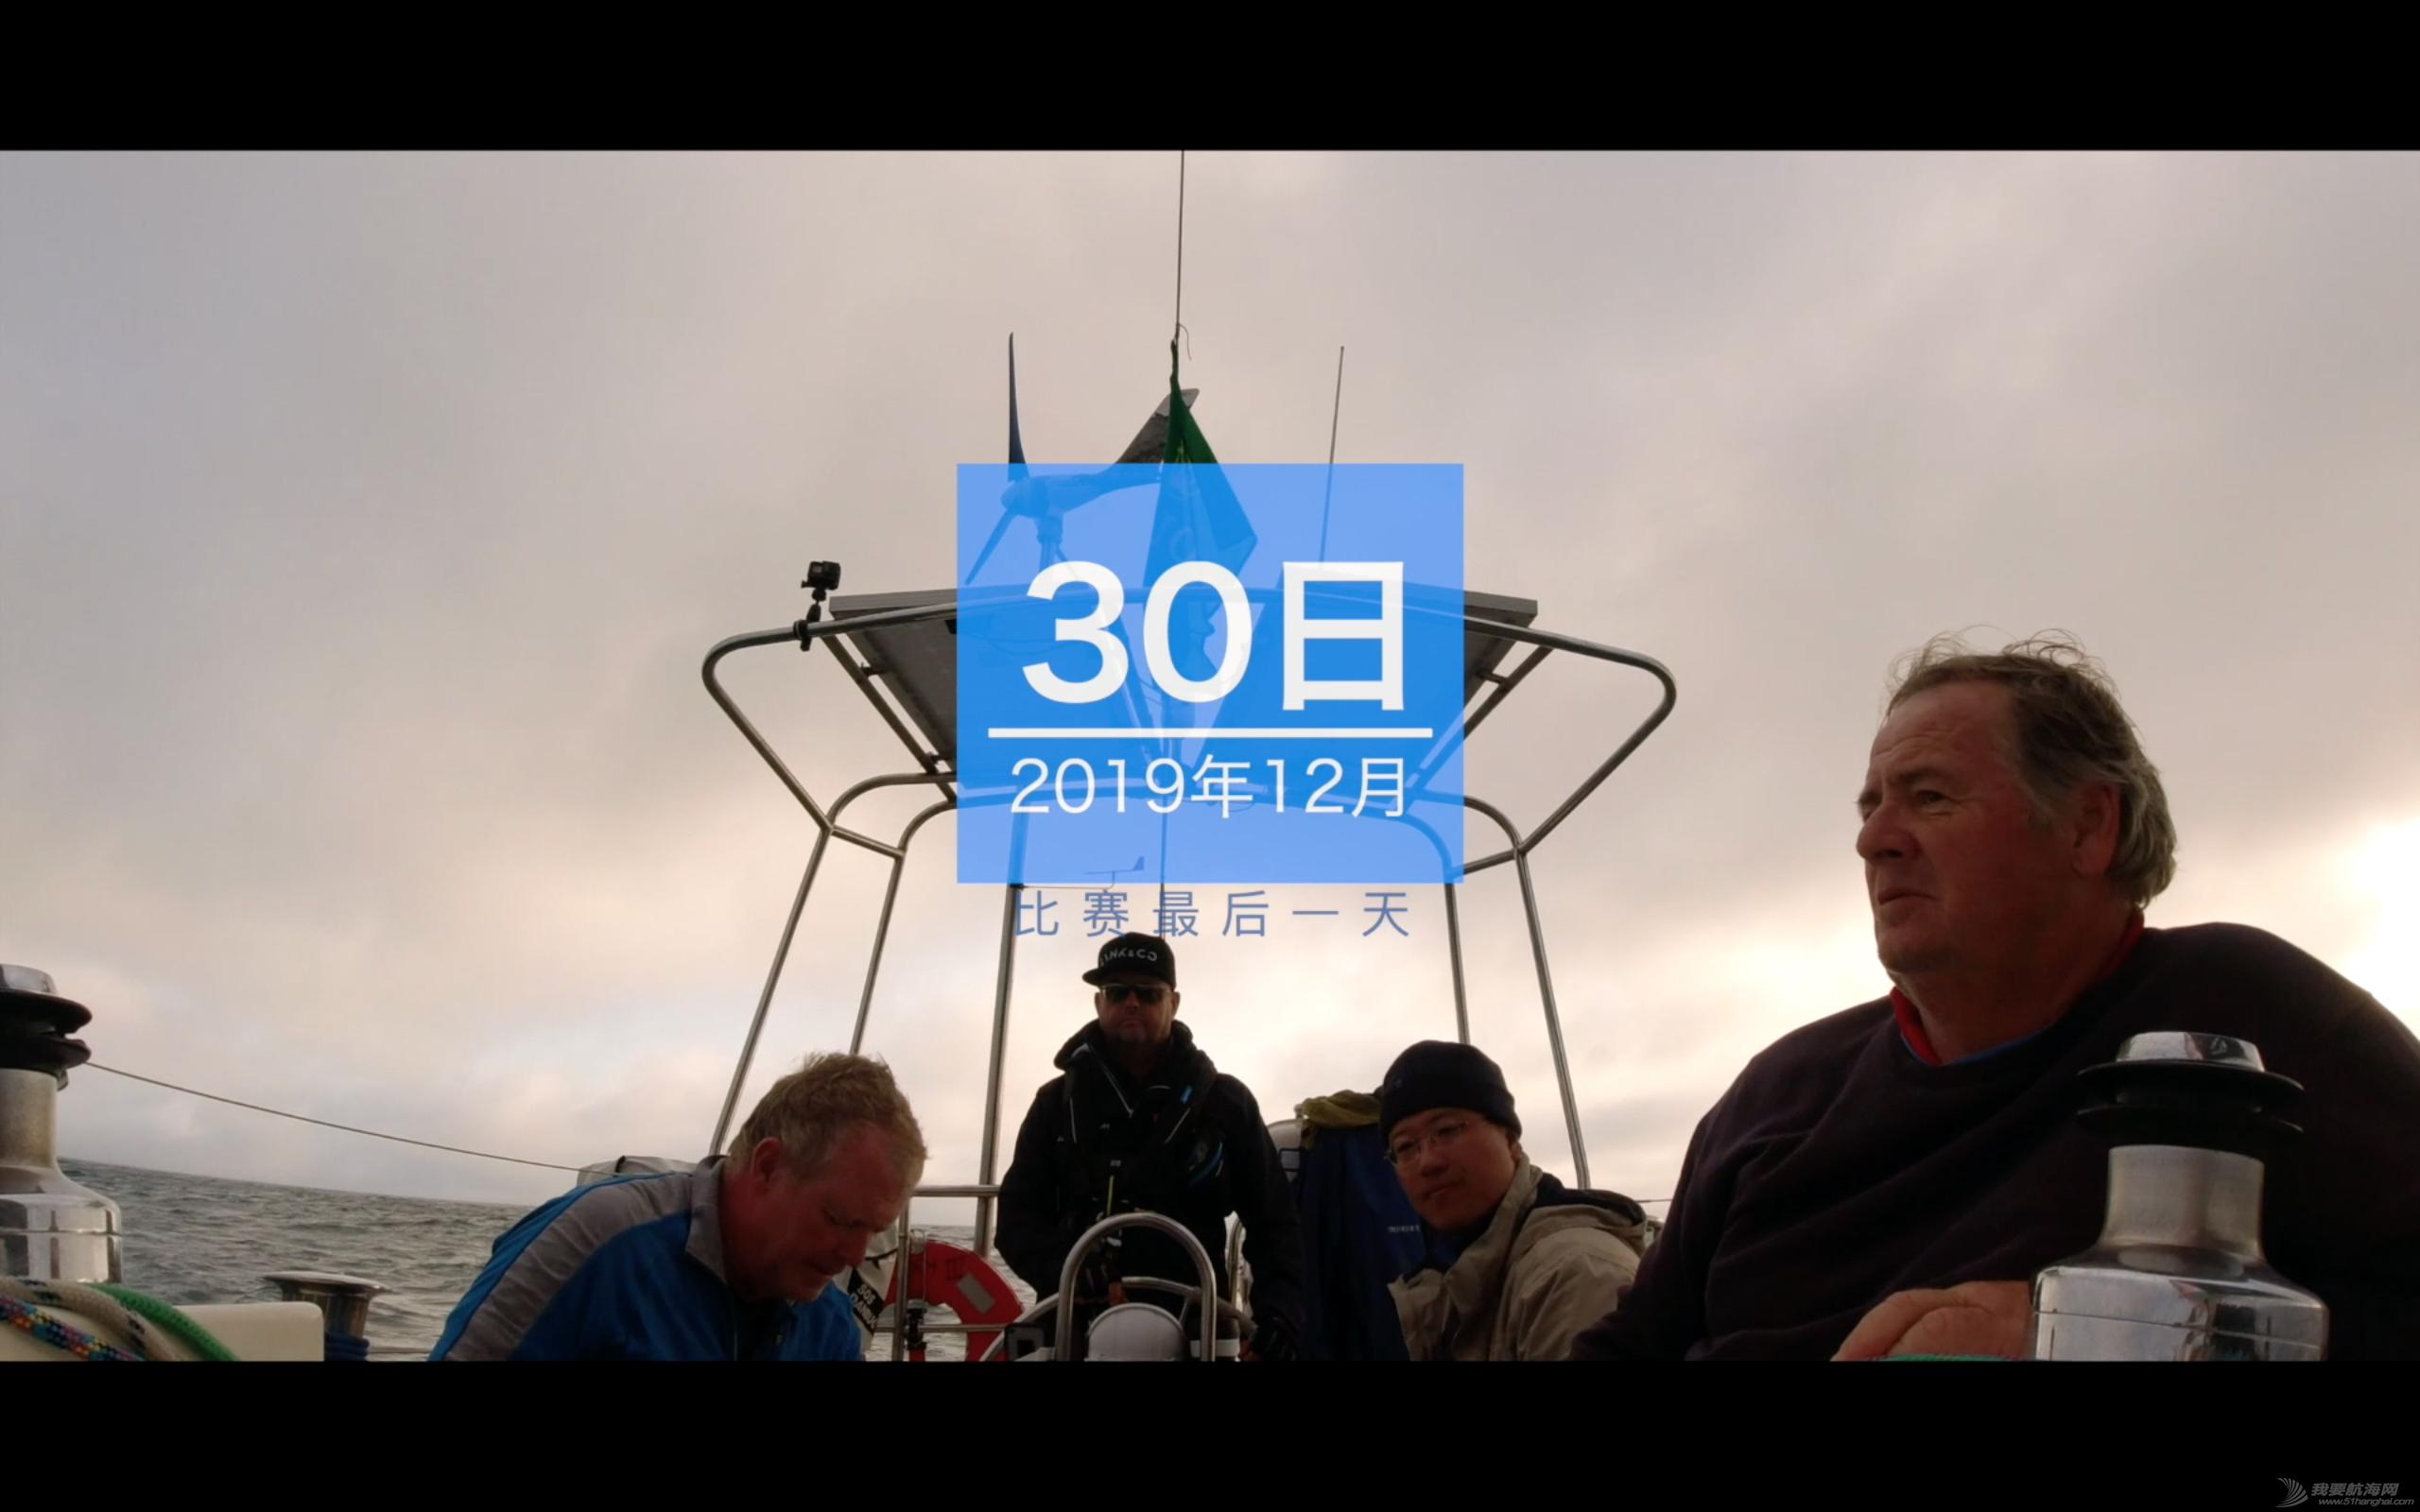 【海上日记】劳力士悉尼霍巴特75周年帆船赛完赛日